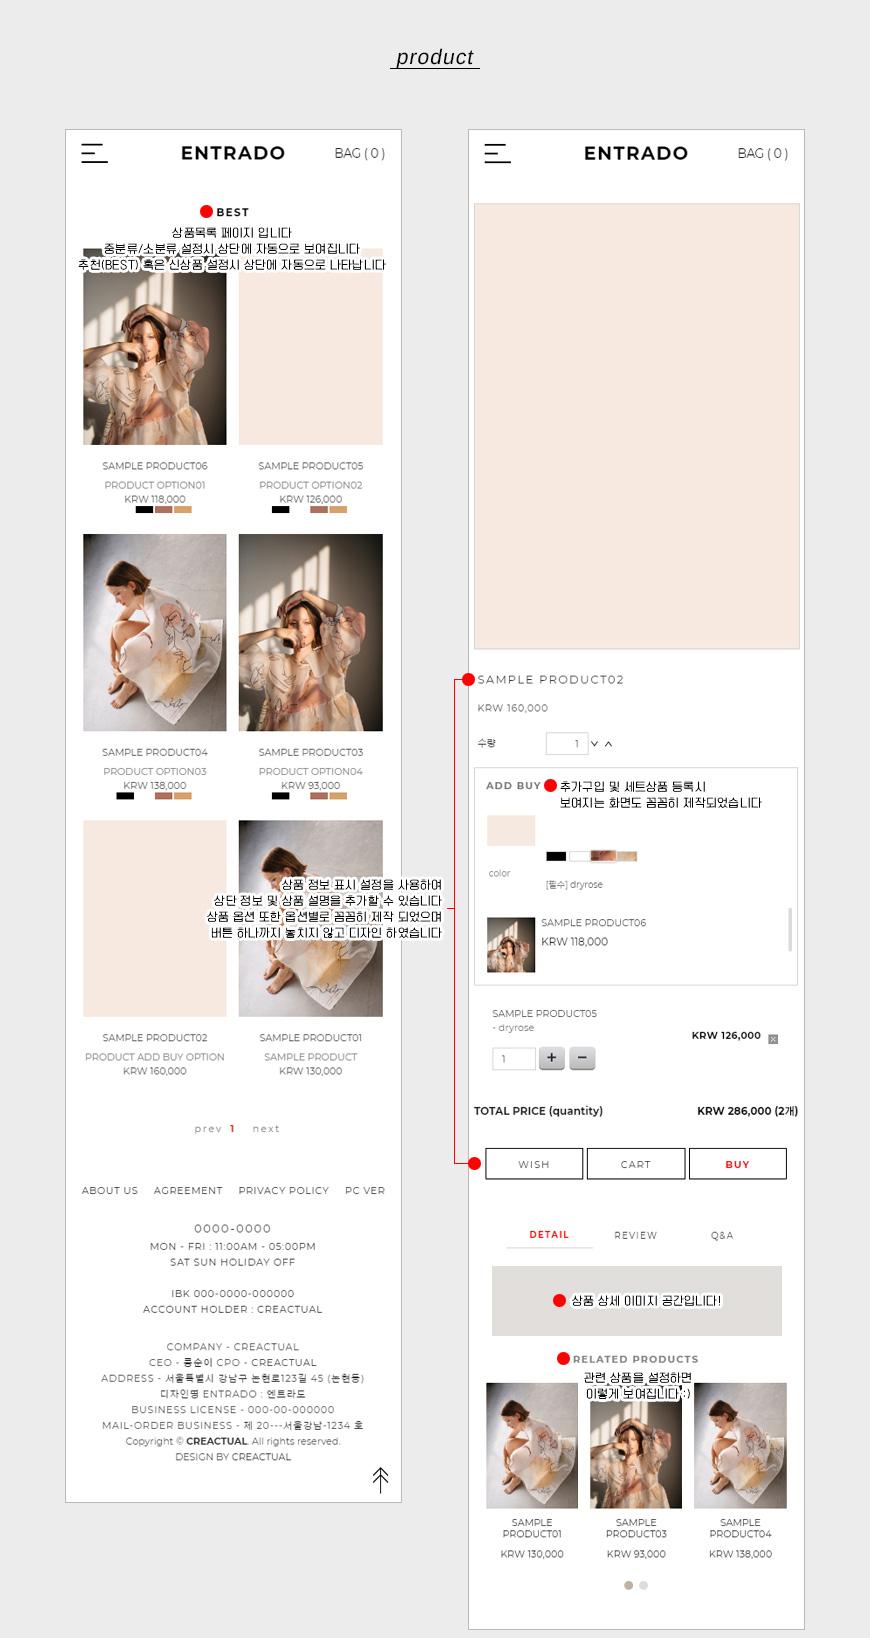 17_ENTRADO_mobile_detail